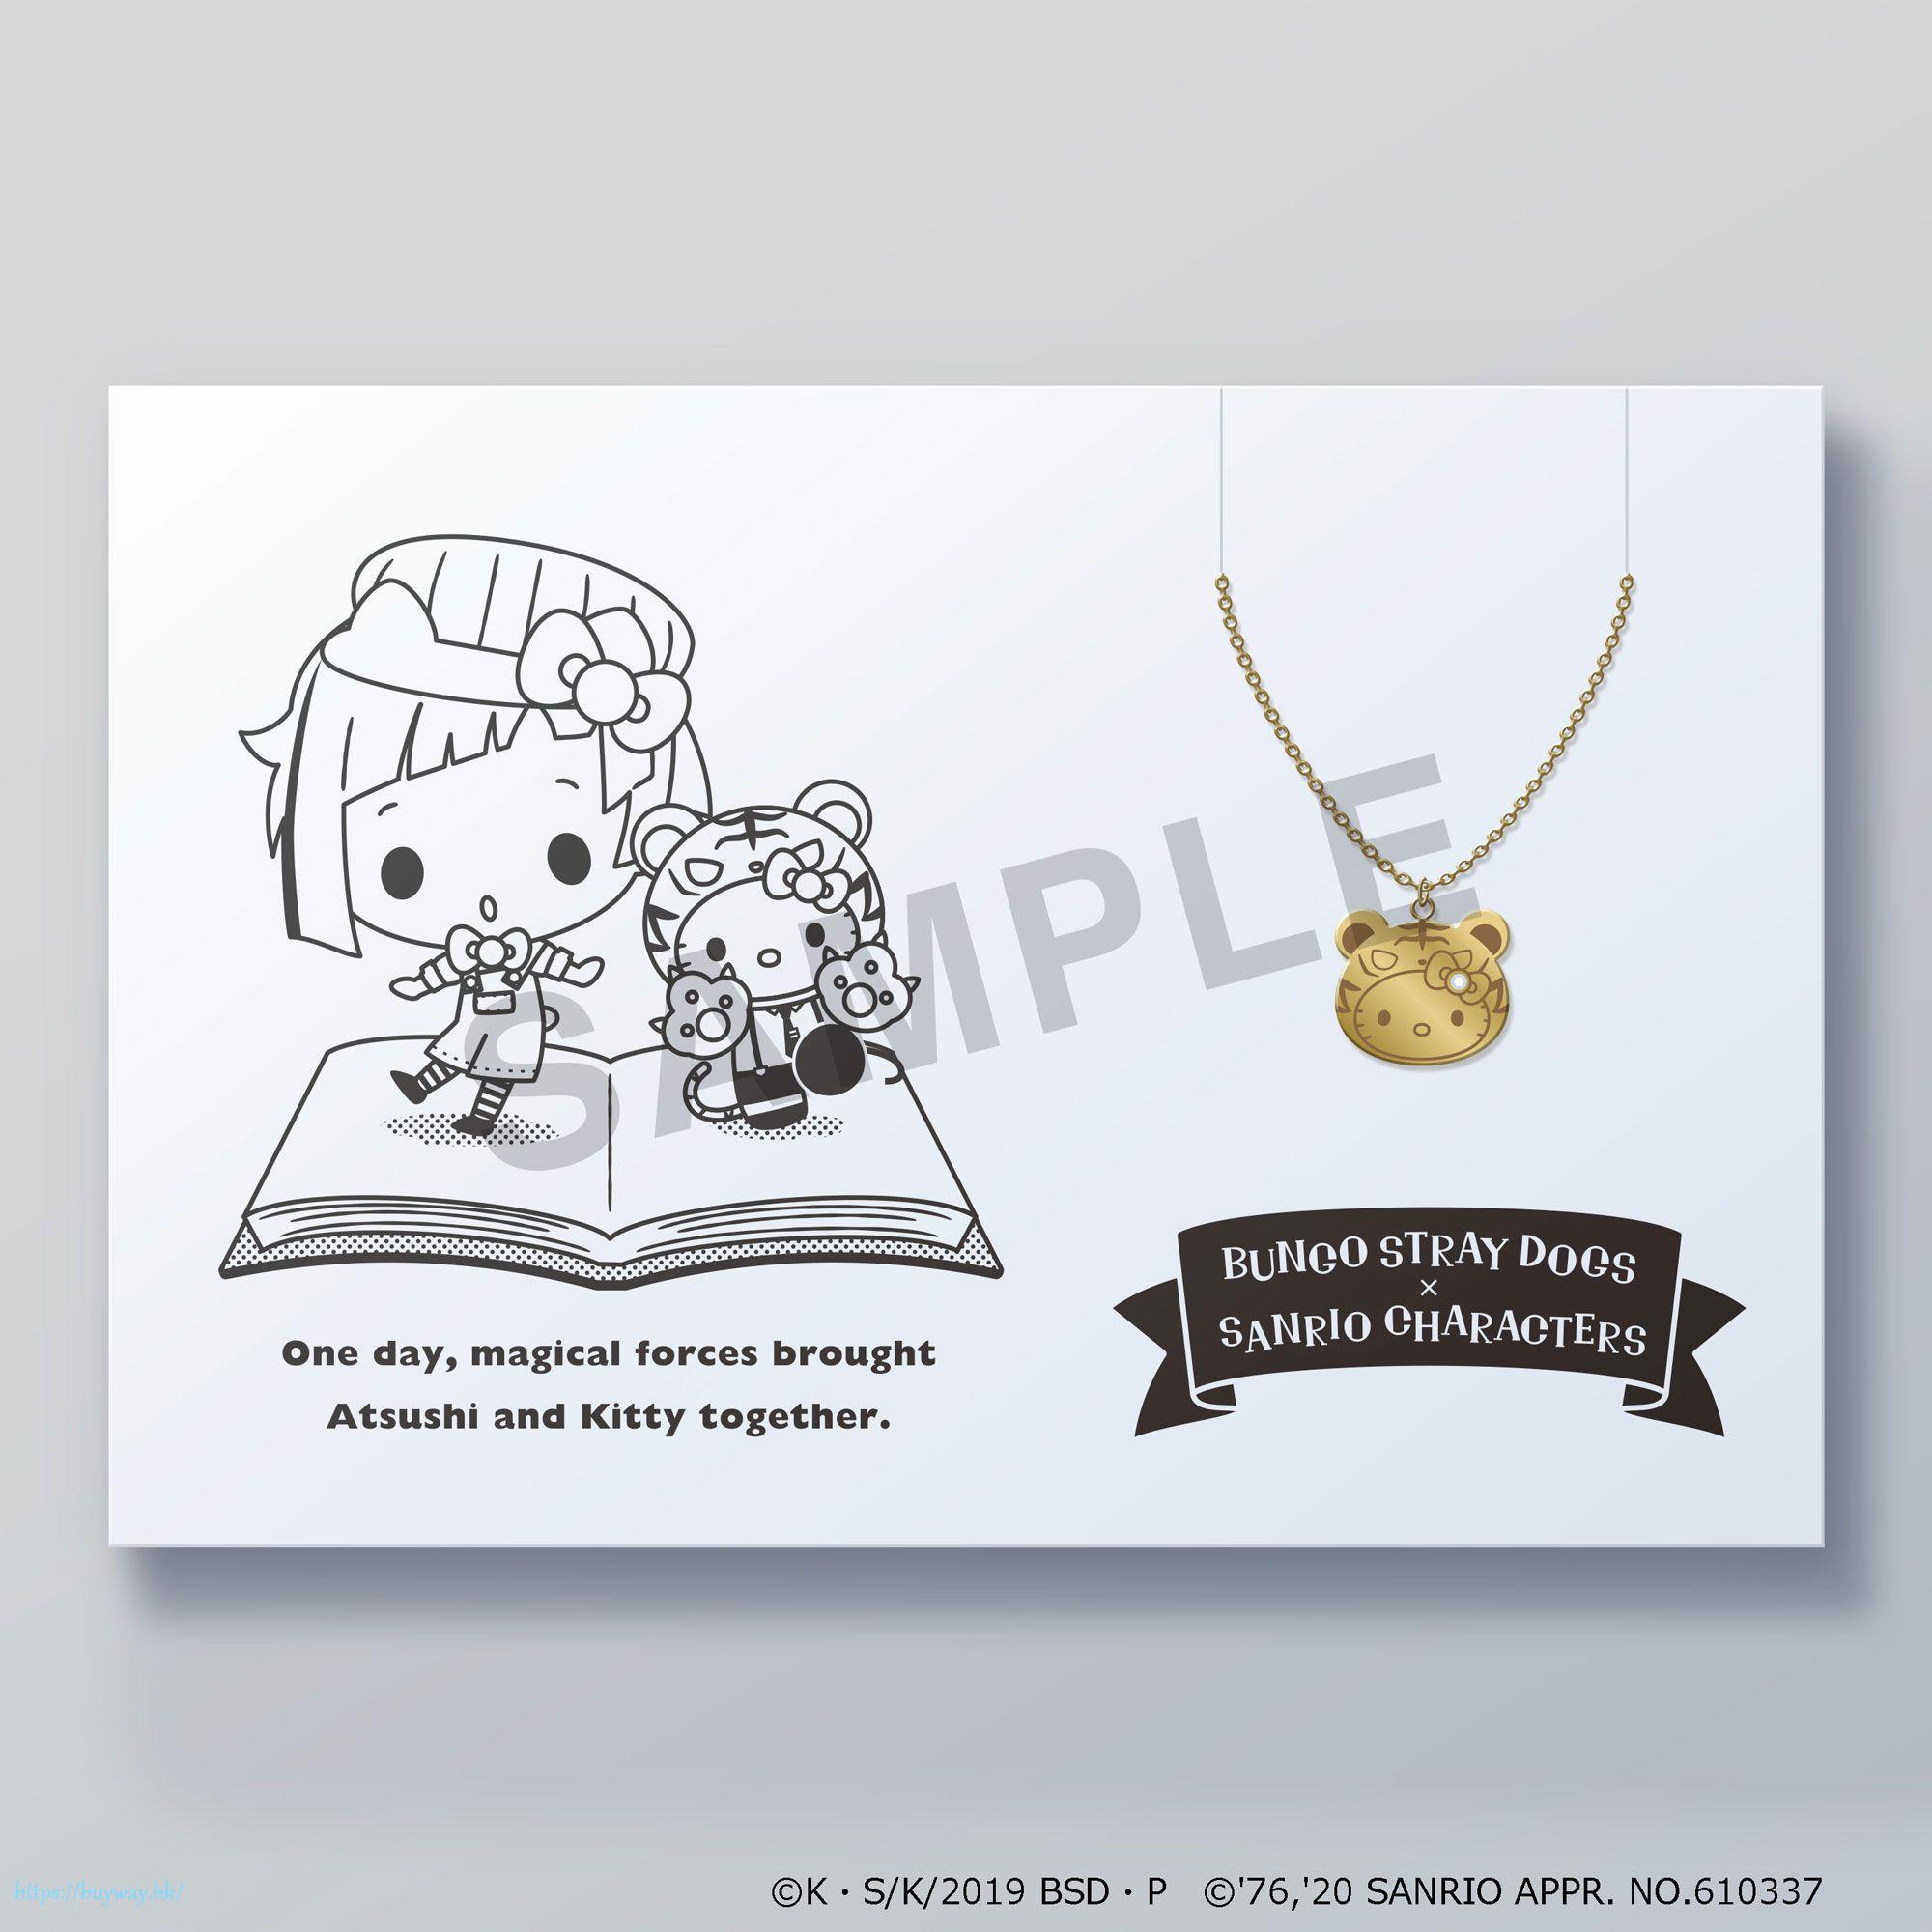 文豪 Stray Dogs 「Hello Kitty + 中島敦」Sanrio系列 頸鏈 Sanrio Characters 5108(Kotoba) Necklace Nakajima Atsushi x Hello Kitty【Bungo Stray Dogs】